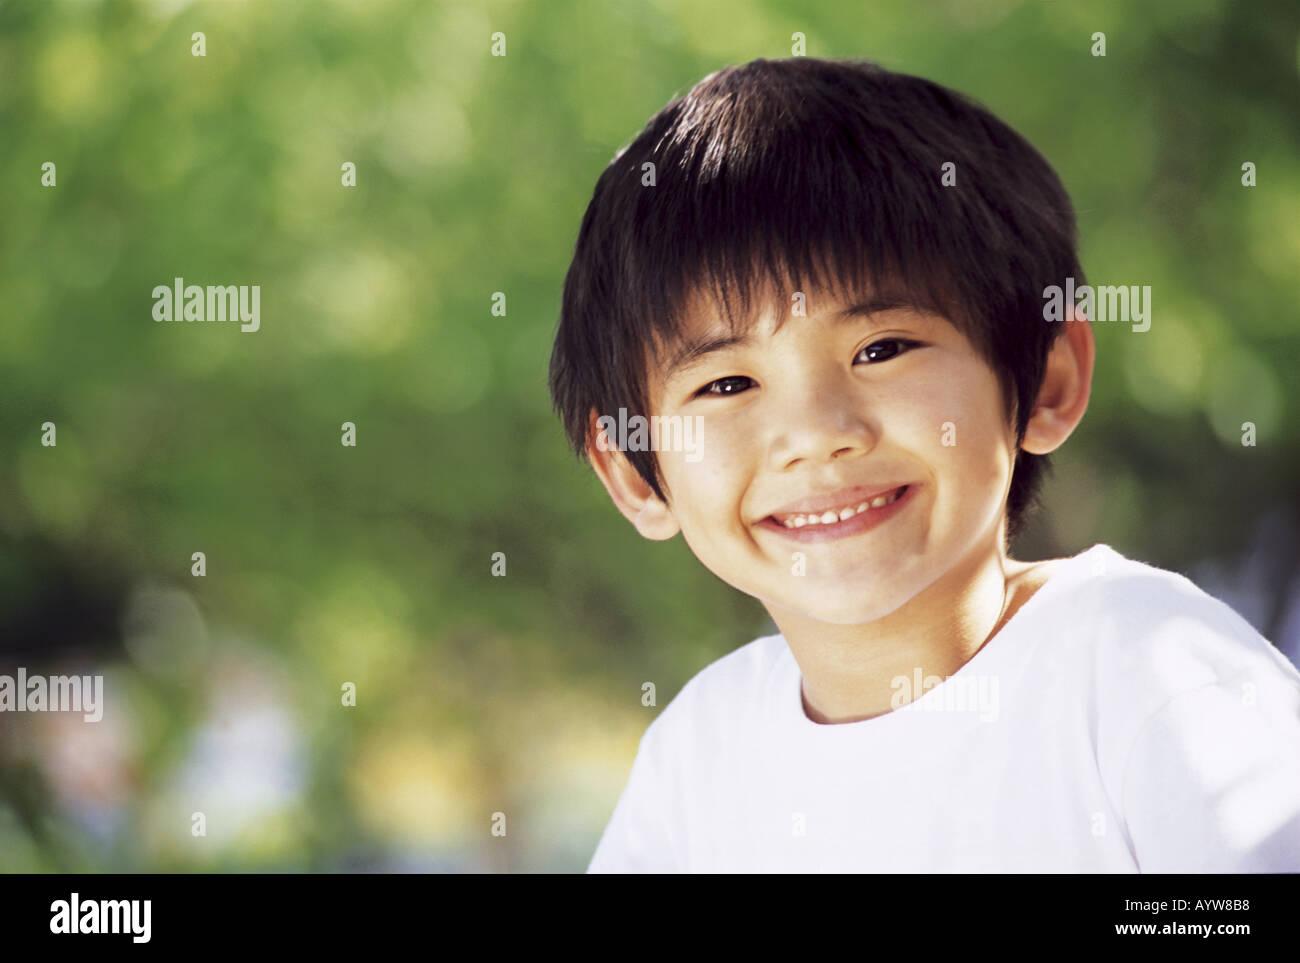 Cara de Niño sonriente Foto de stock